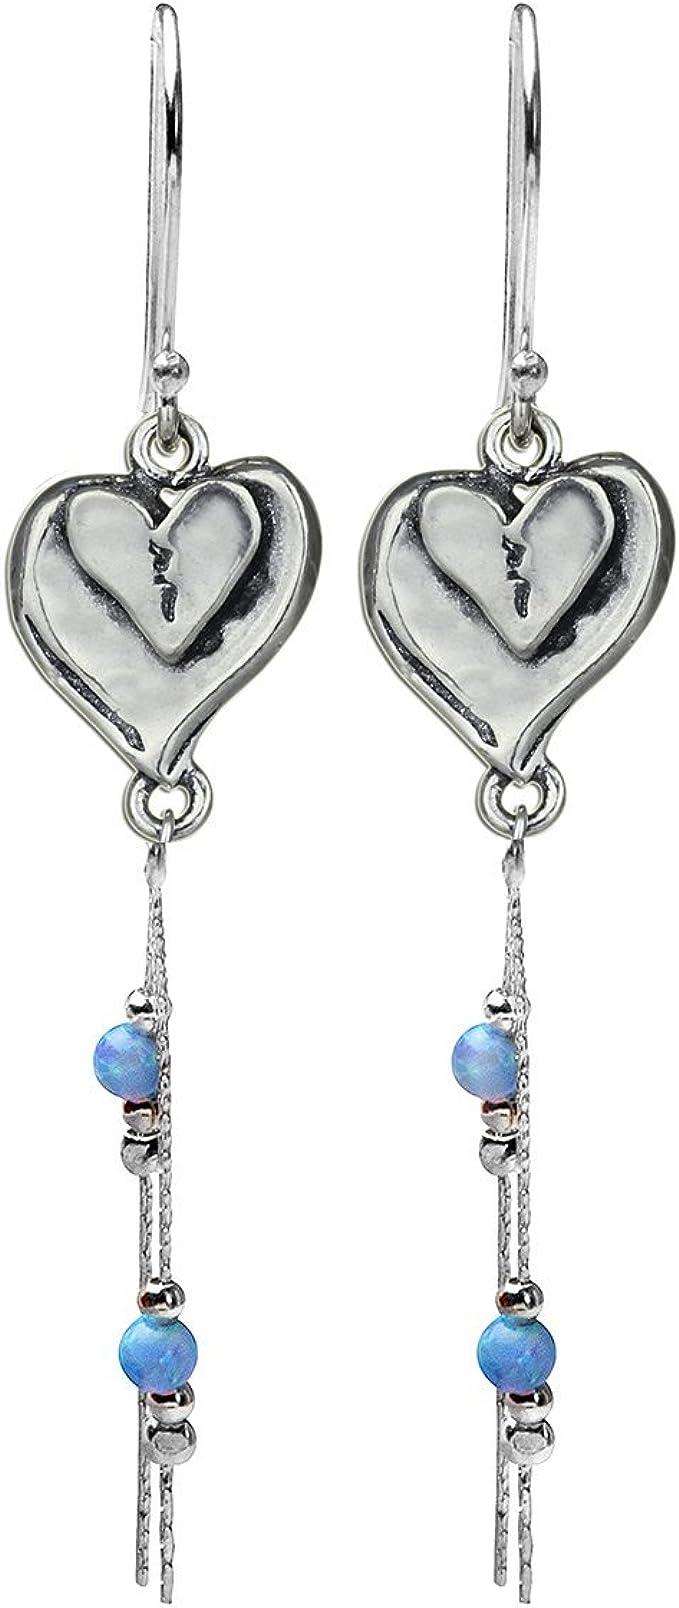 Heart earringblue heart earringfire Opal heart Heart post earringsGenuine925 sterling silver stud earringsMade in USA